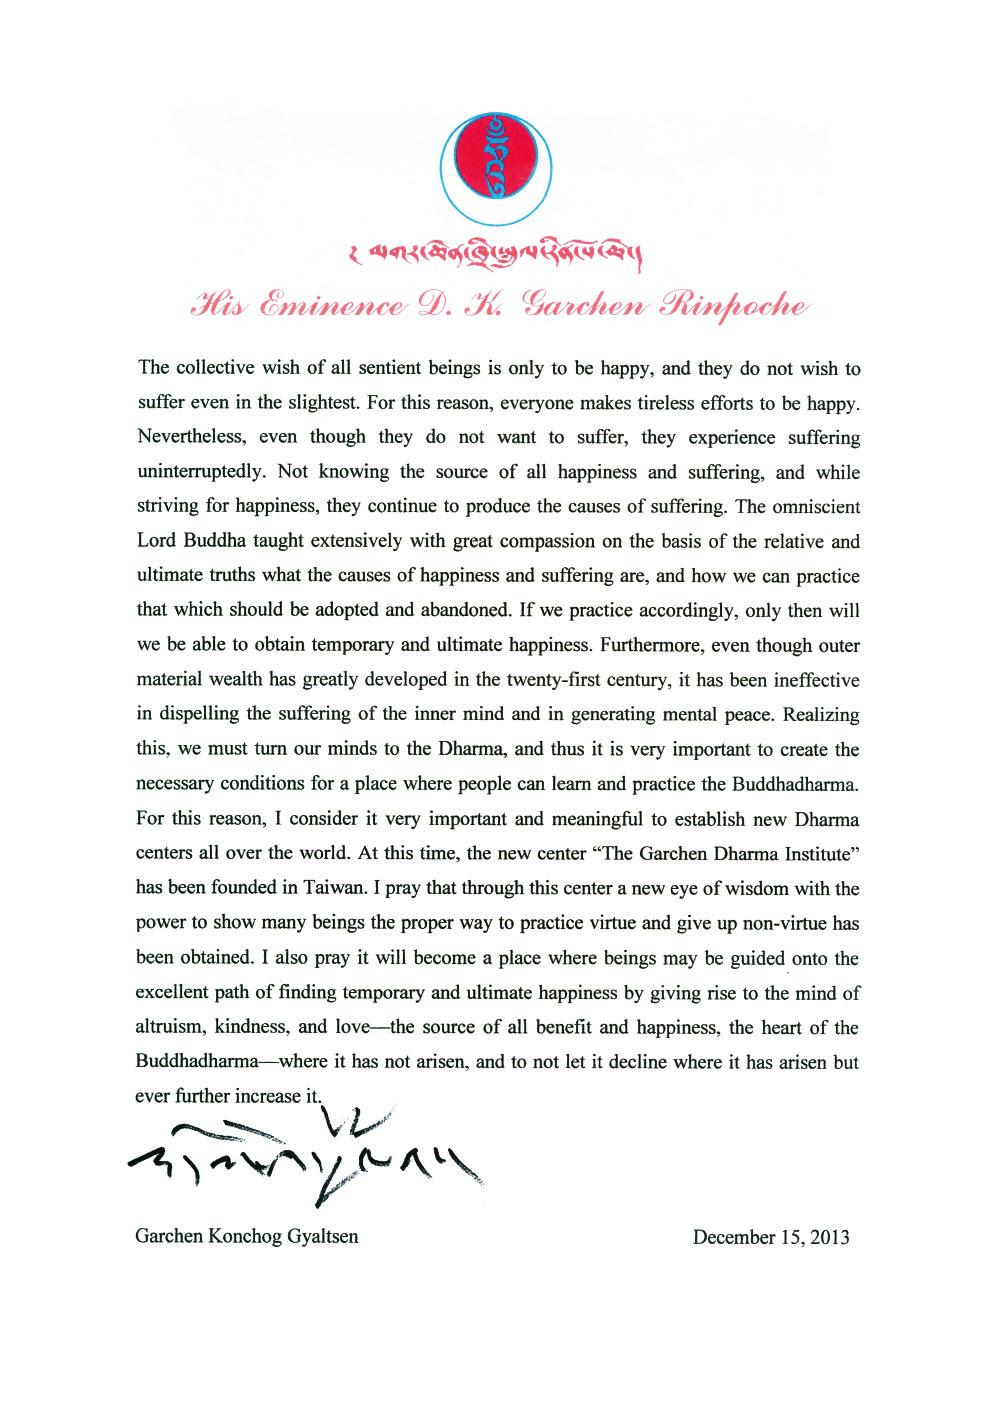 噶千仁波切寫給中心的信-英文版